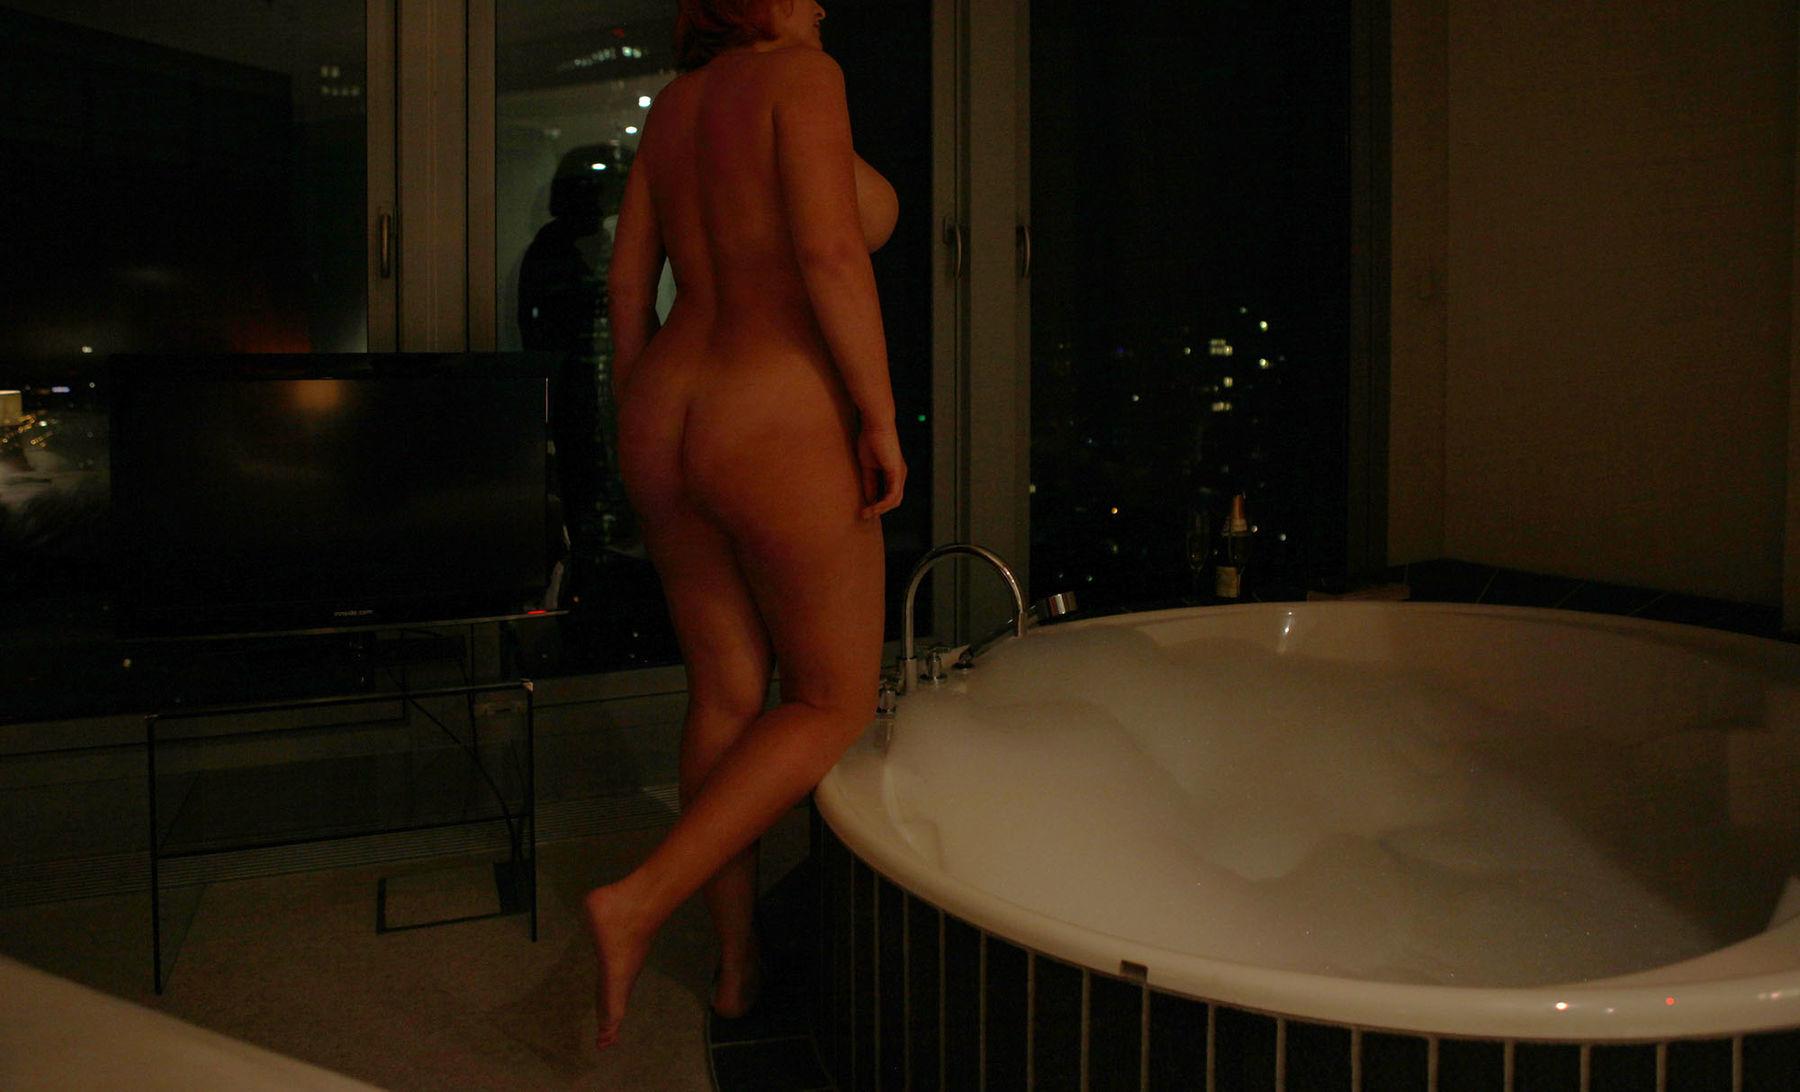 Frankfurt massage escorts